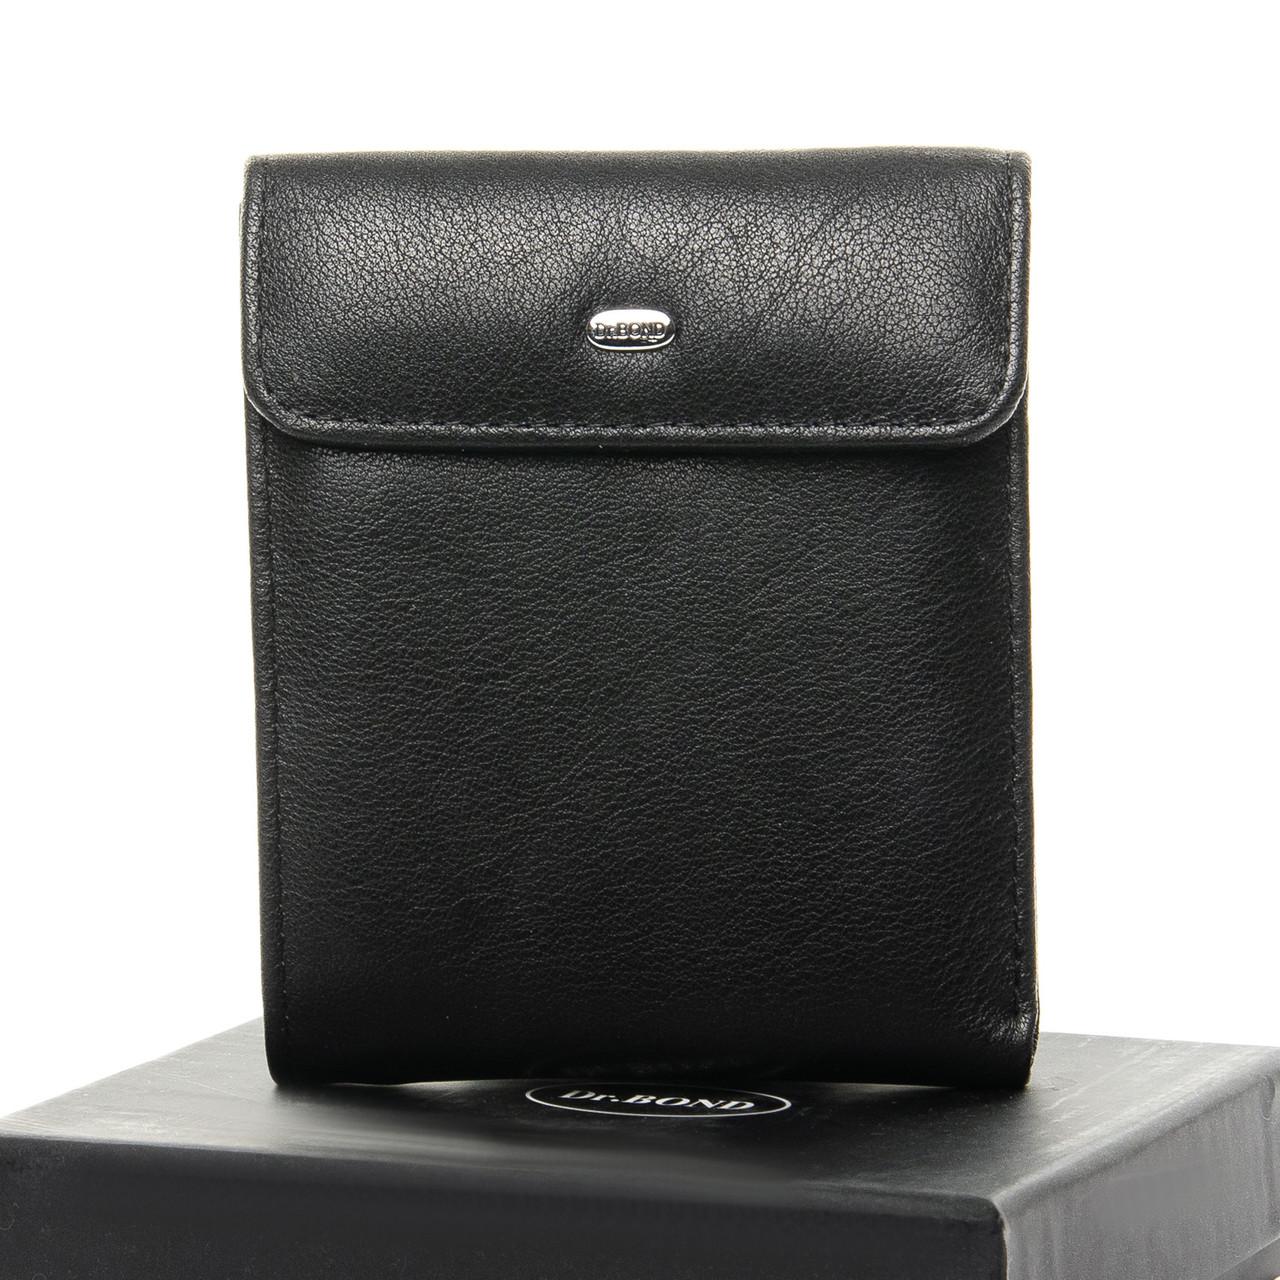 Чоловічий гаманець Classic шкіра DR. BOND M55 чорний